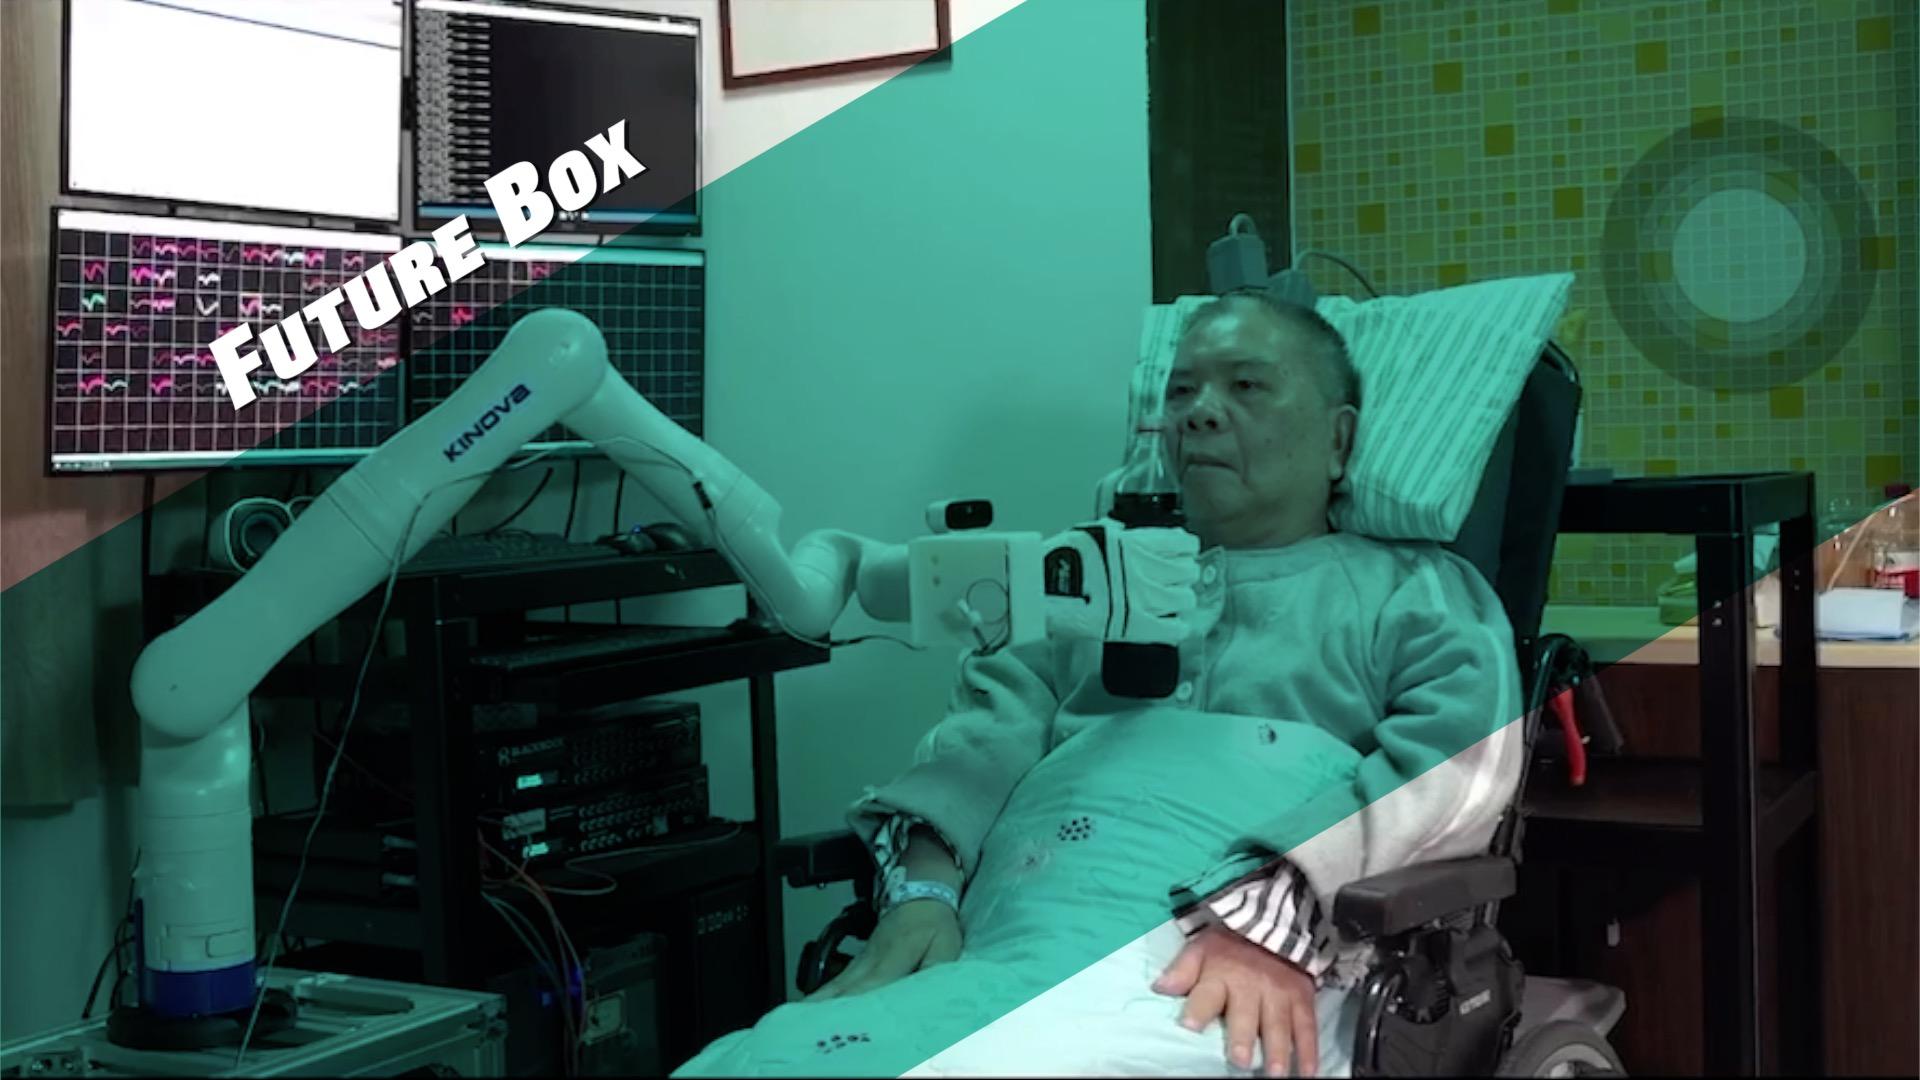 【钛媒体视频 Future Box】国内首例!高位截瘫患者用意念喝可乐